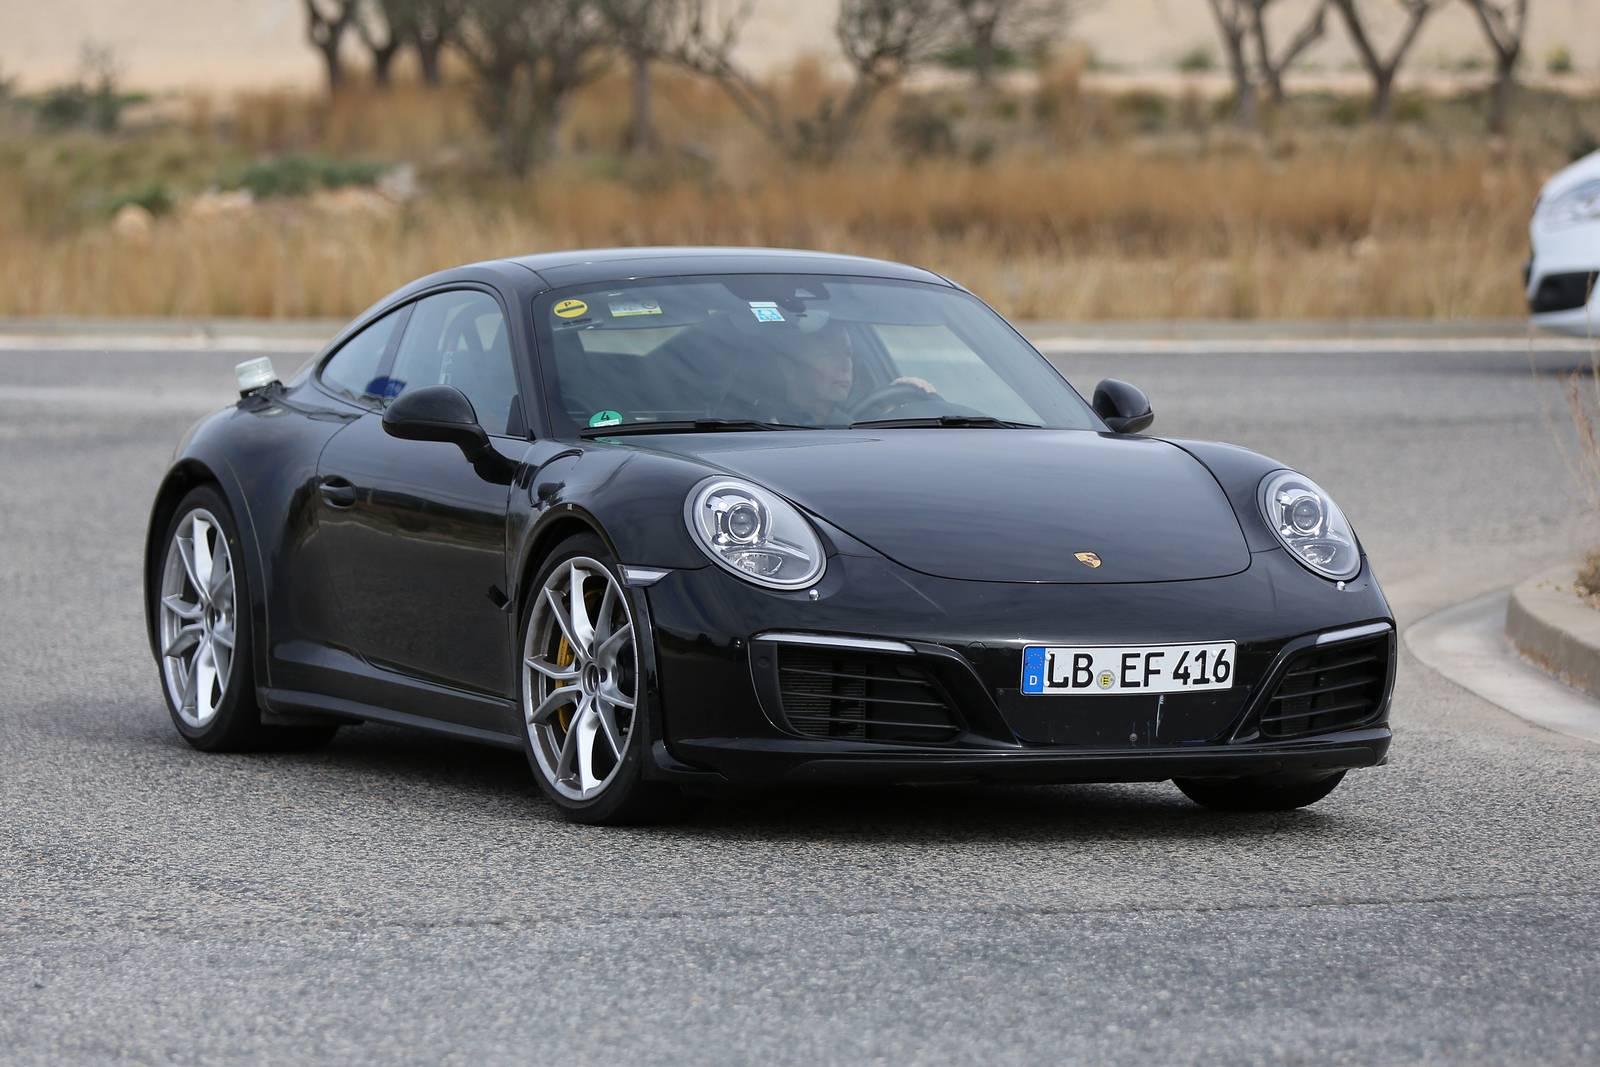 Next Gen Porsche 911 Test Mule First Spy Shots